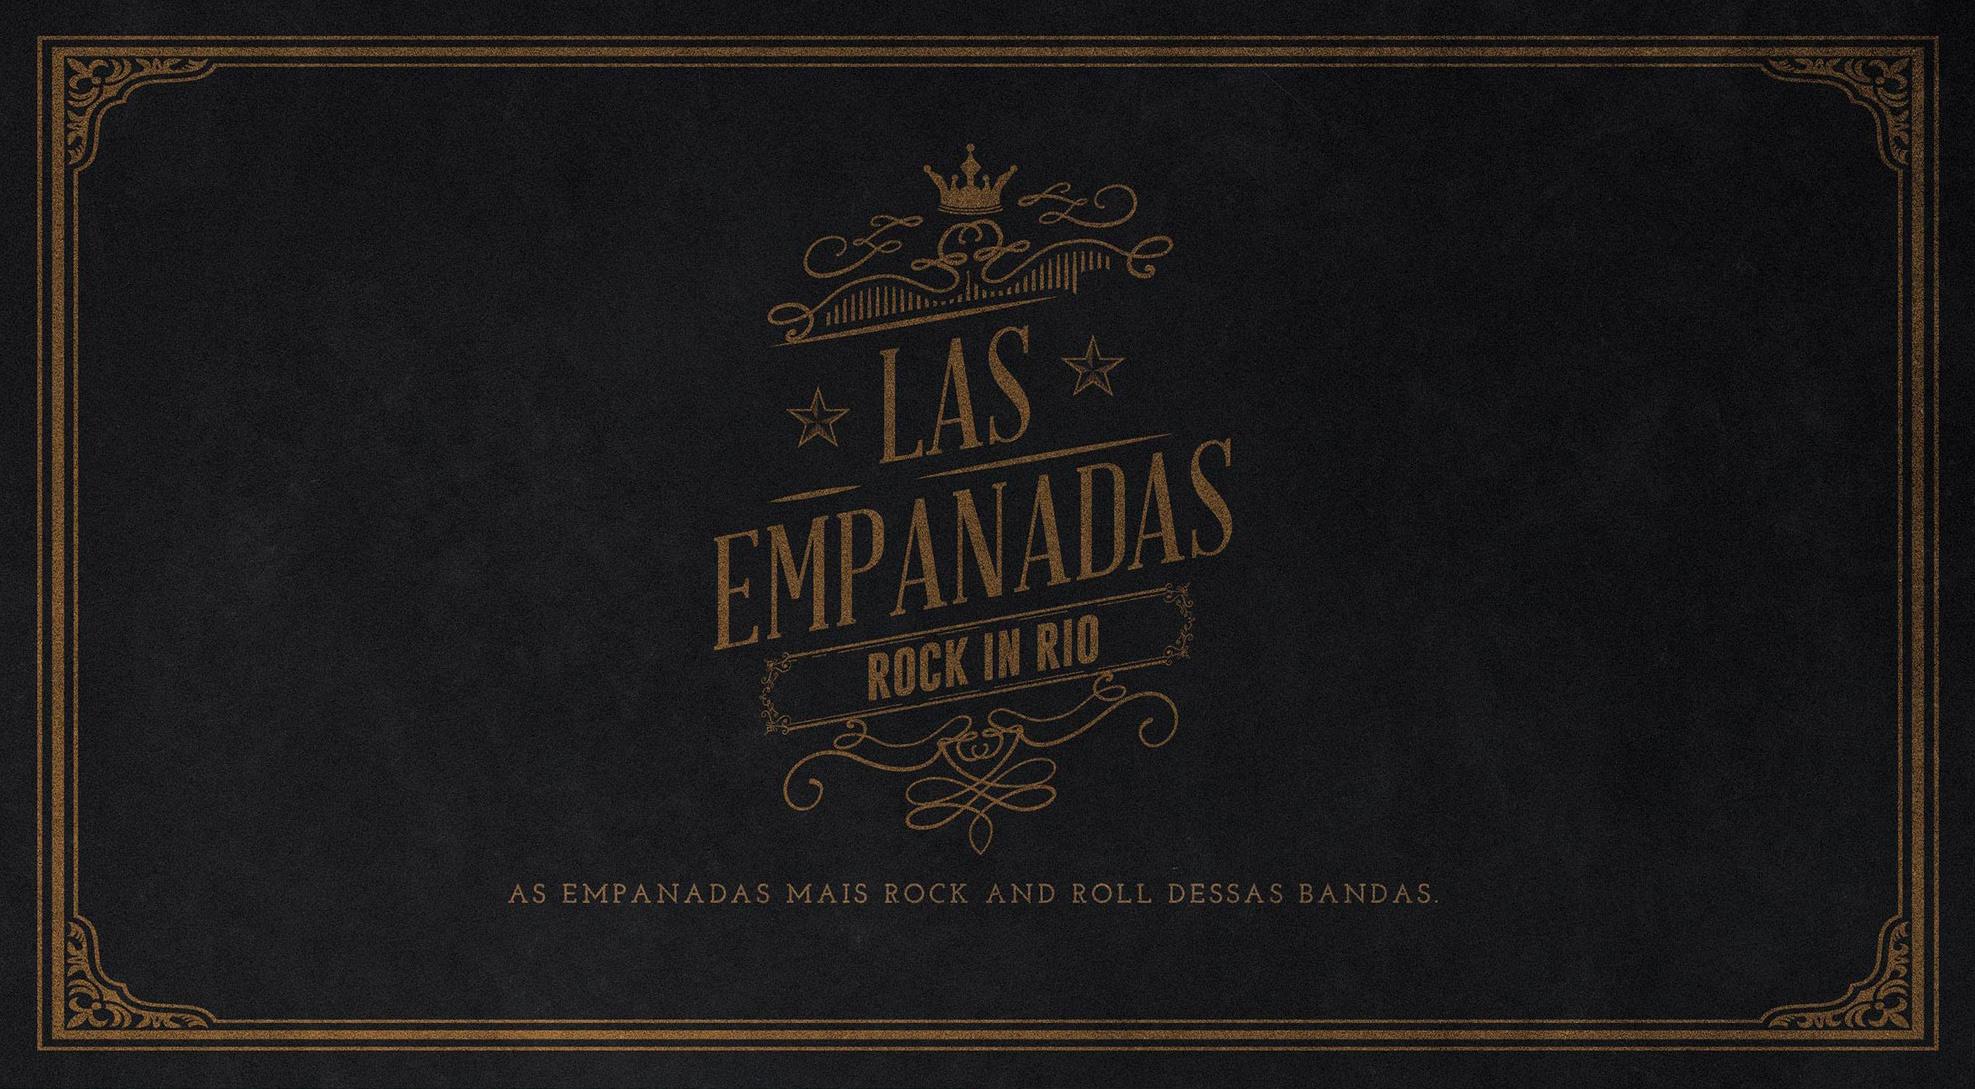 RockInRio_LasEmpanadas_Board.jpg